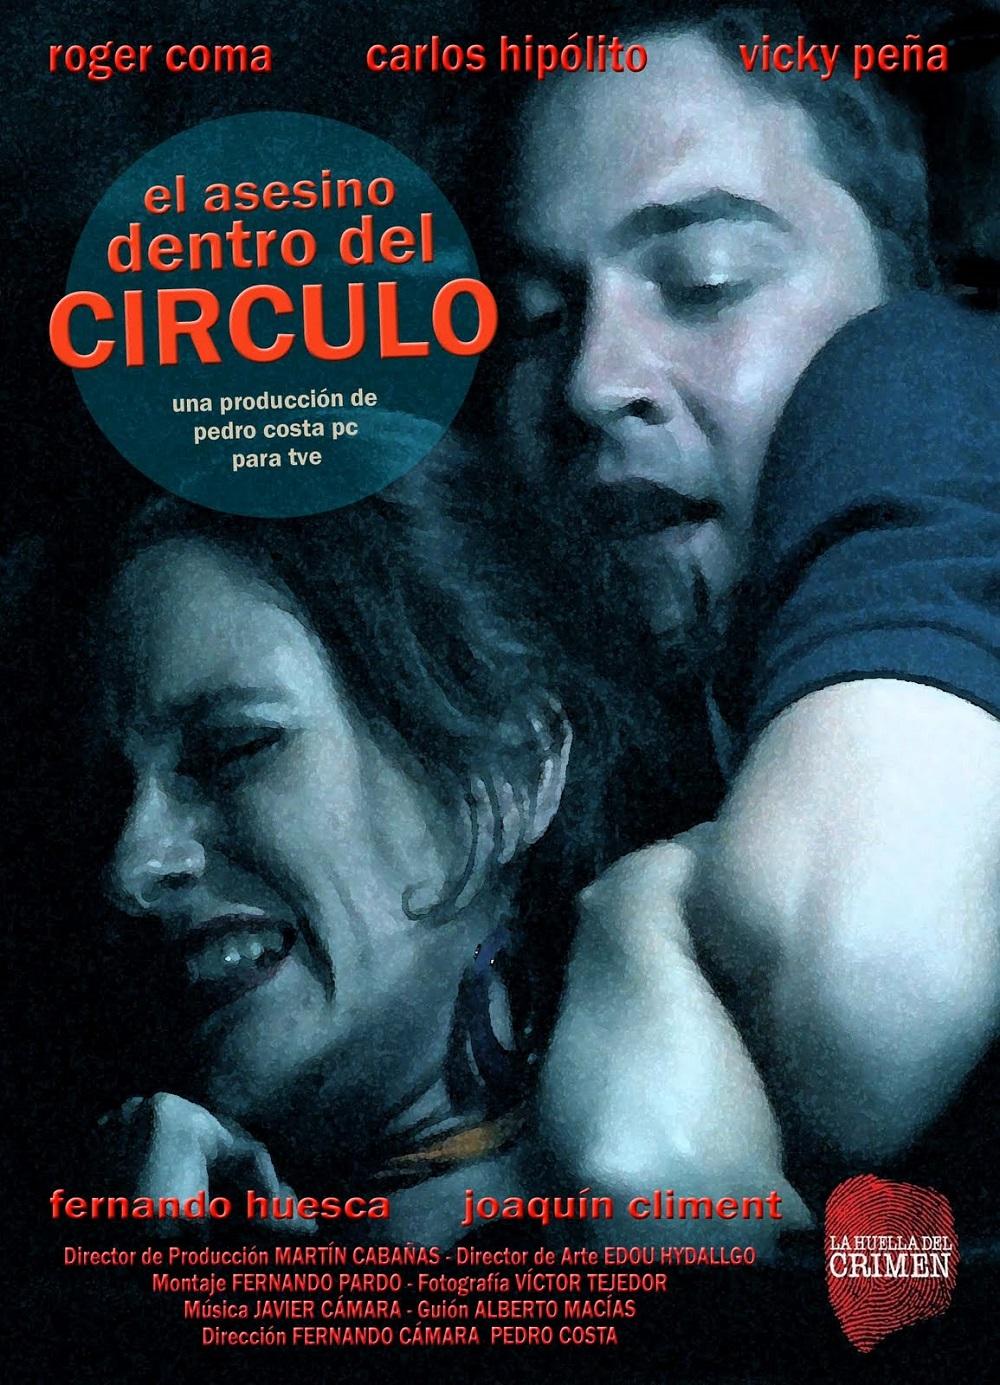 cartel de la película El asesino dentro del círculo con el actor Roger Coma, que interpreta al asesino, y una de sus víctimas